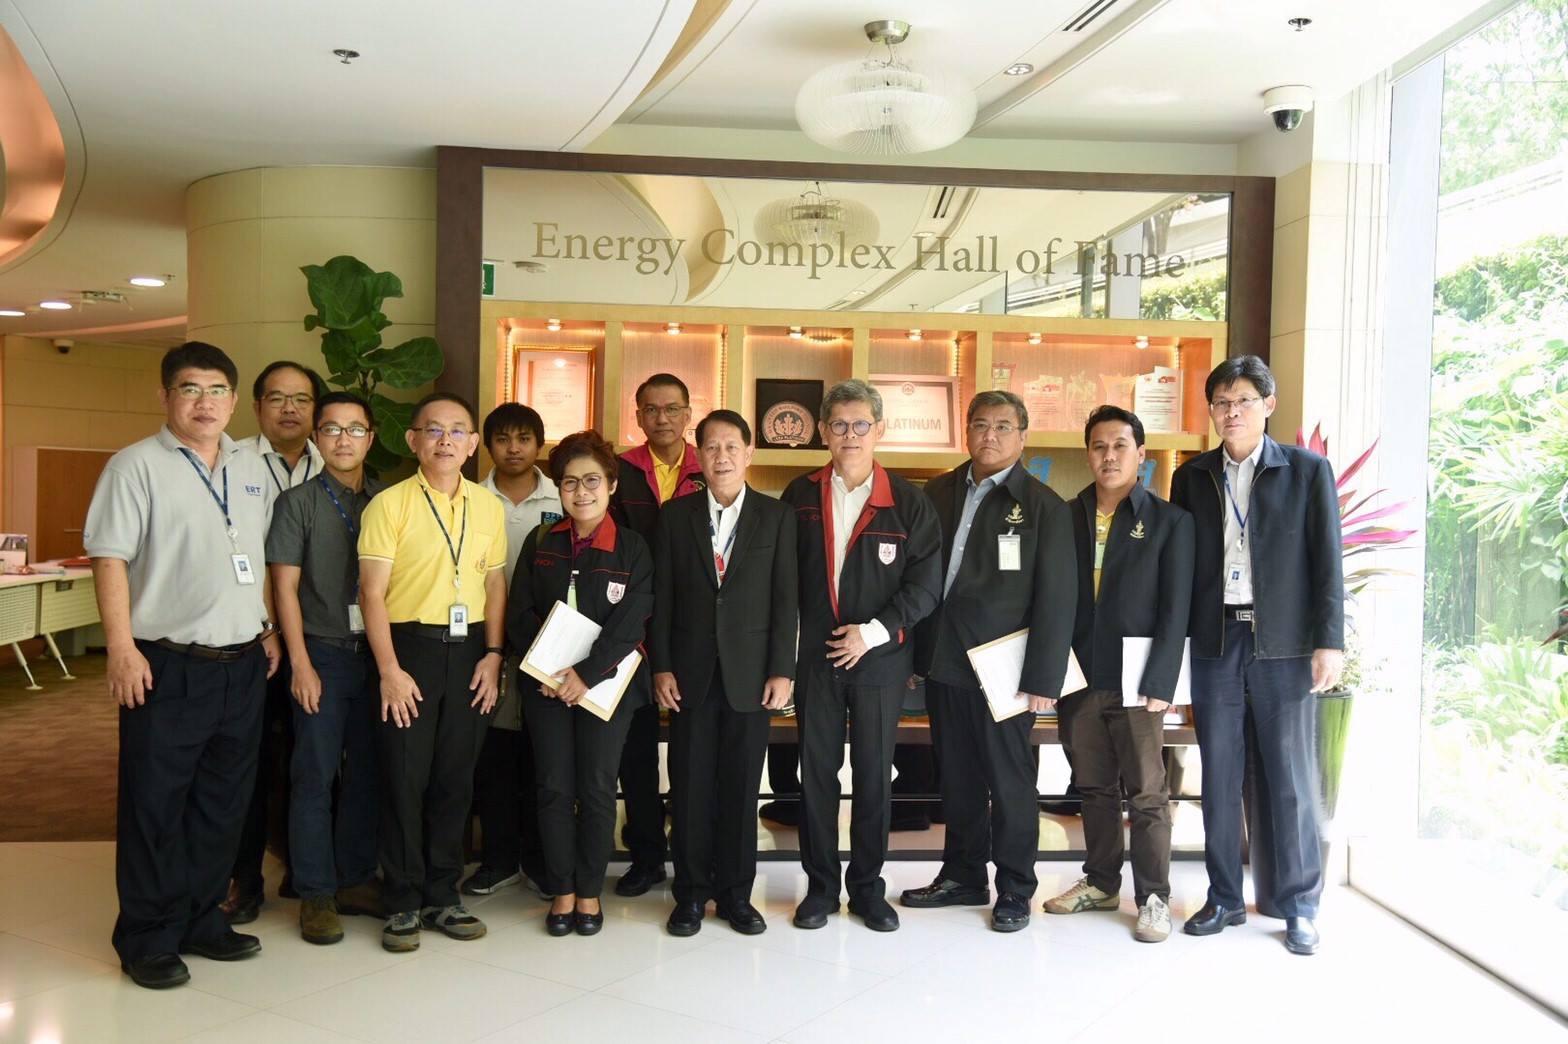 คณะกรรมการตรวจอาคารปลอดภัย โครงการ ASEAN Building Fire Safety Awards 2019 อาคารเอนเนอร์ยี่ คอมเพล็กซ์